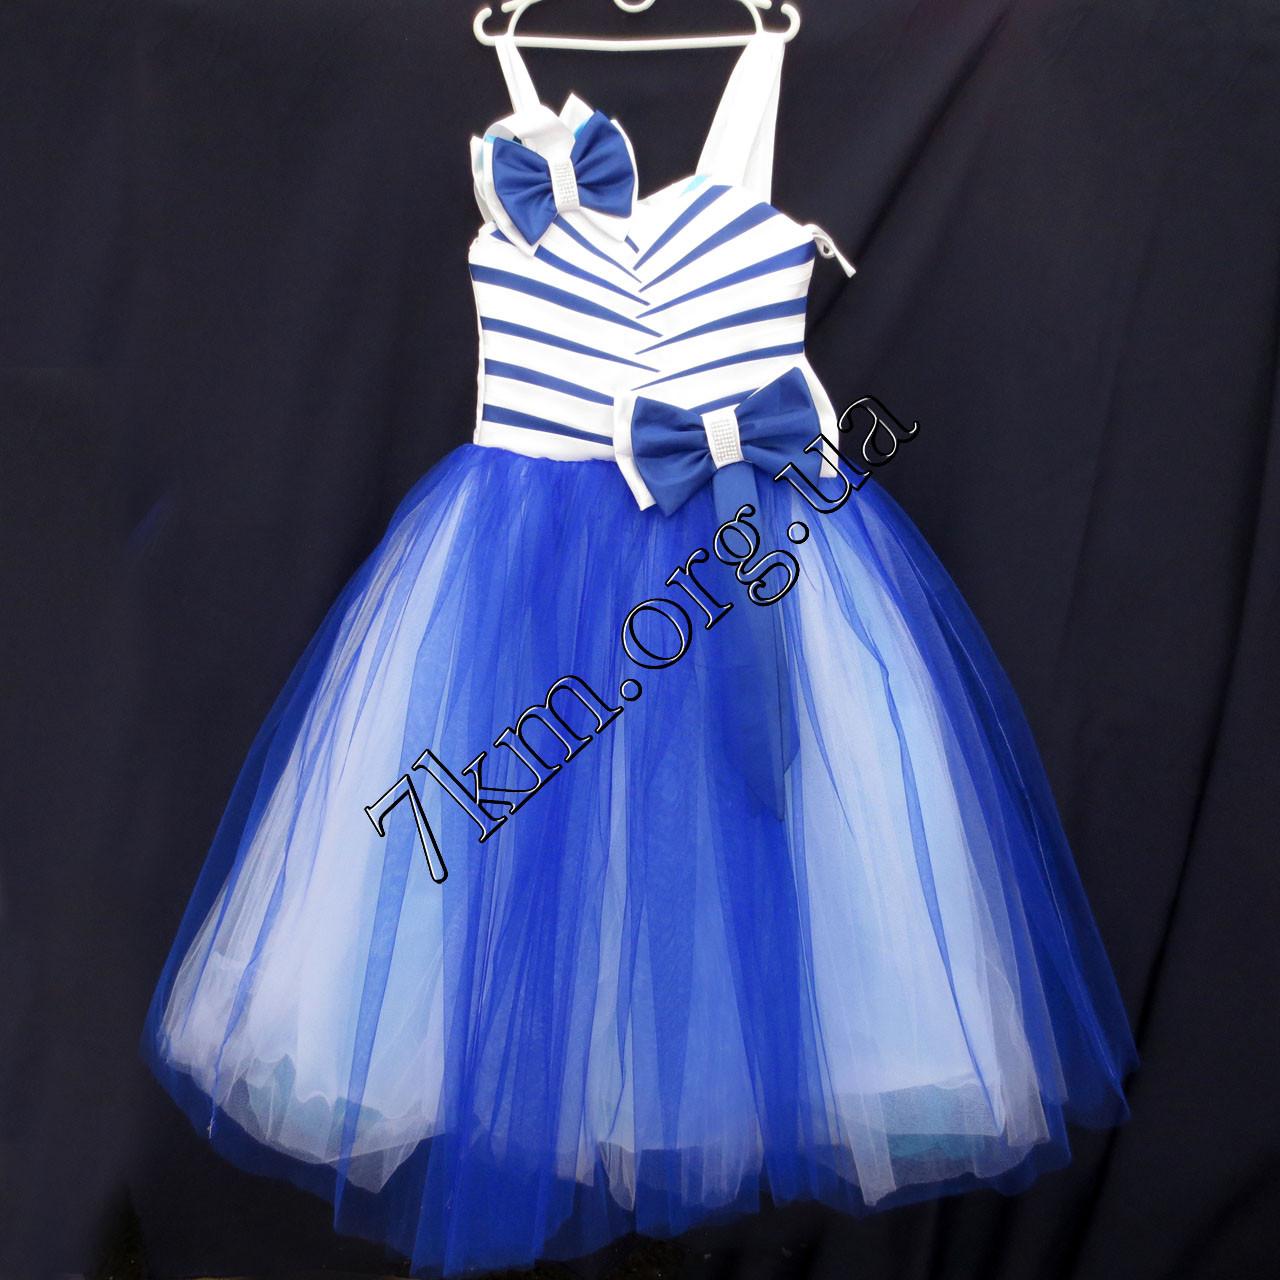 Платье нарядное бальное детское 6-7 лет Полоски синее Украина оптом.